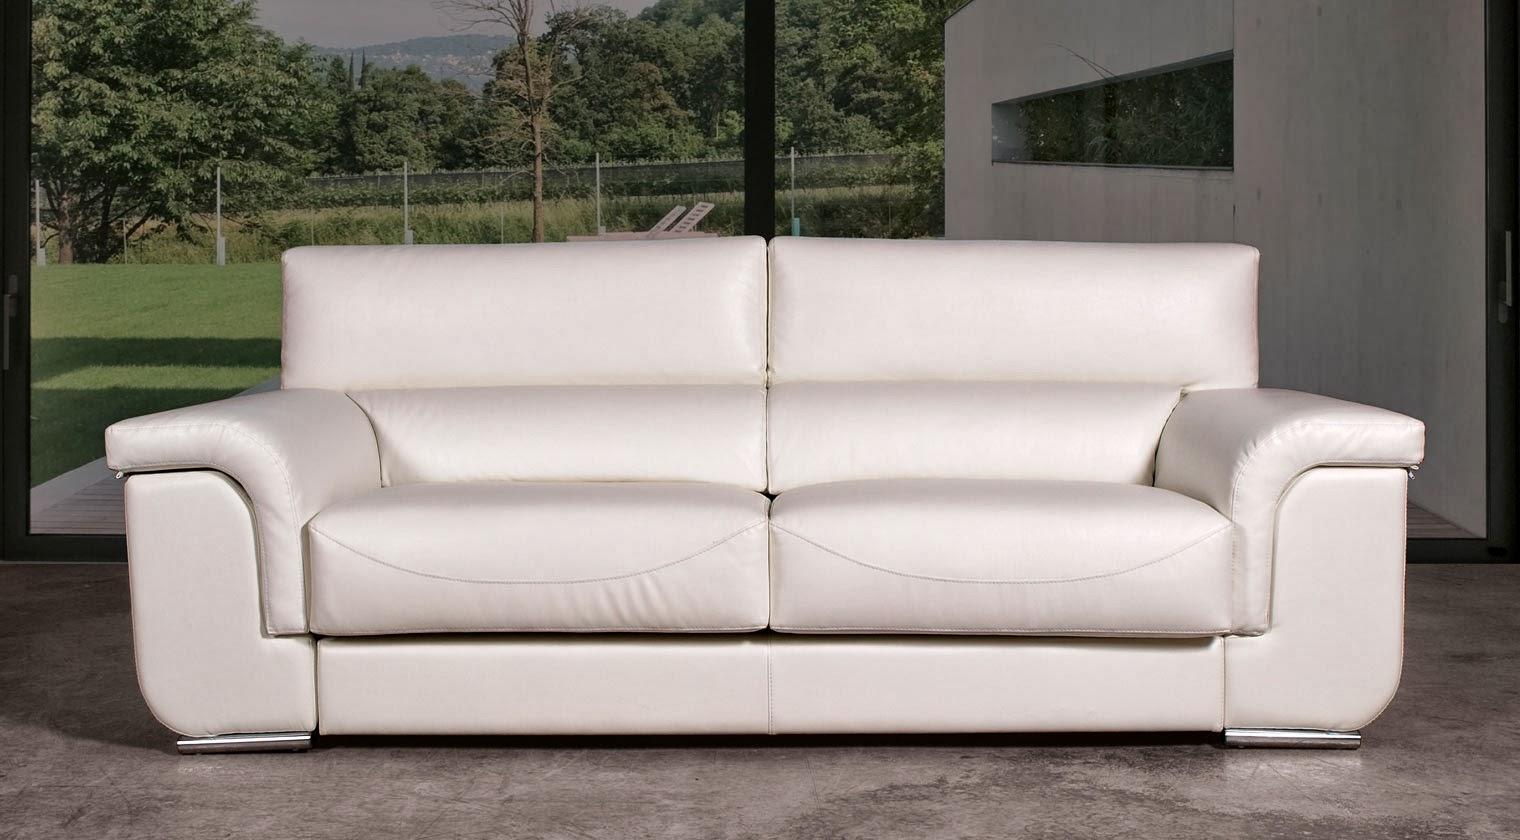 Tipos de tapicerias de tela en los sofas la tienda del sofa - Sofas de tela ...